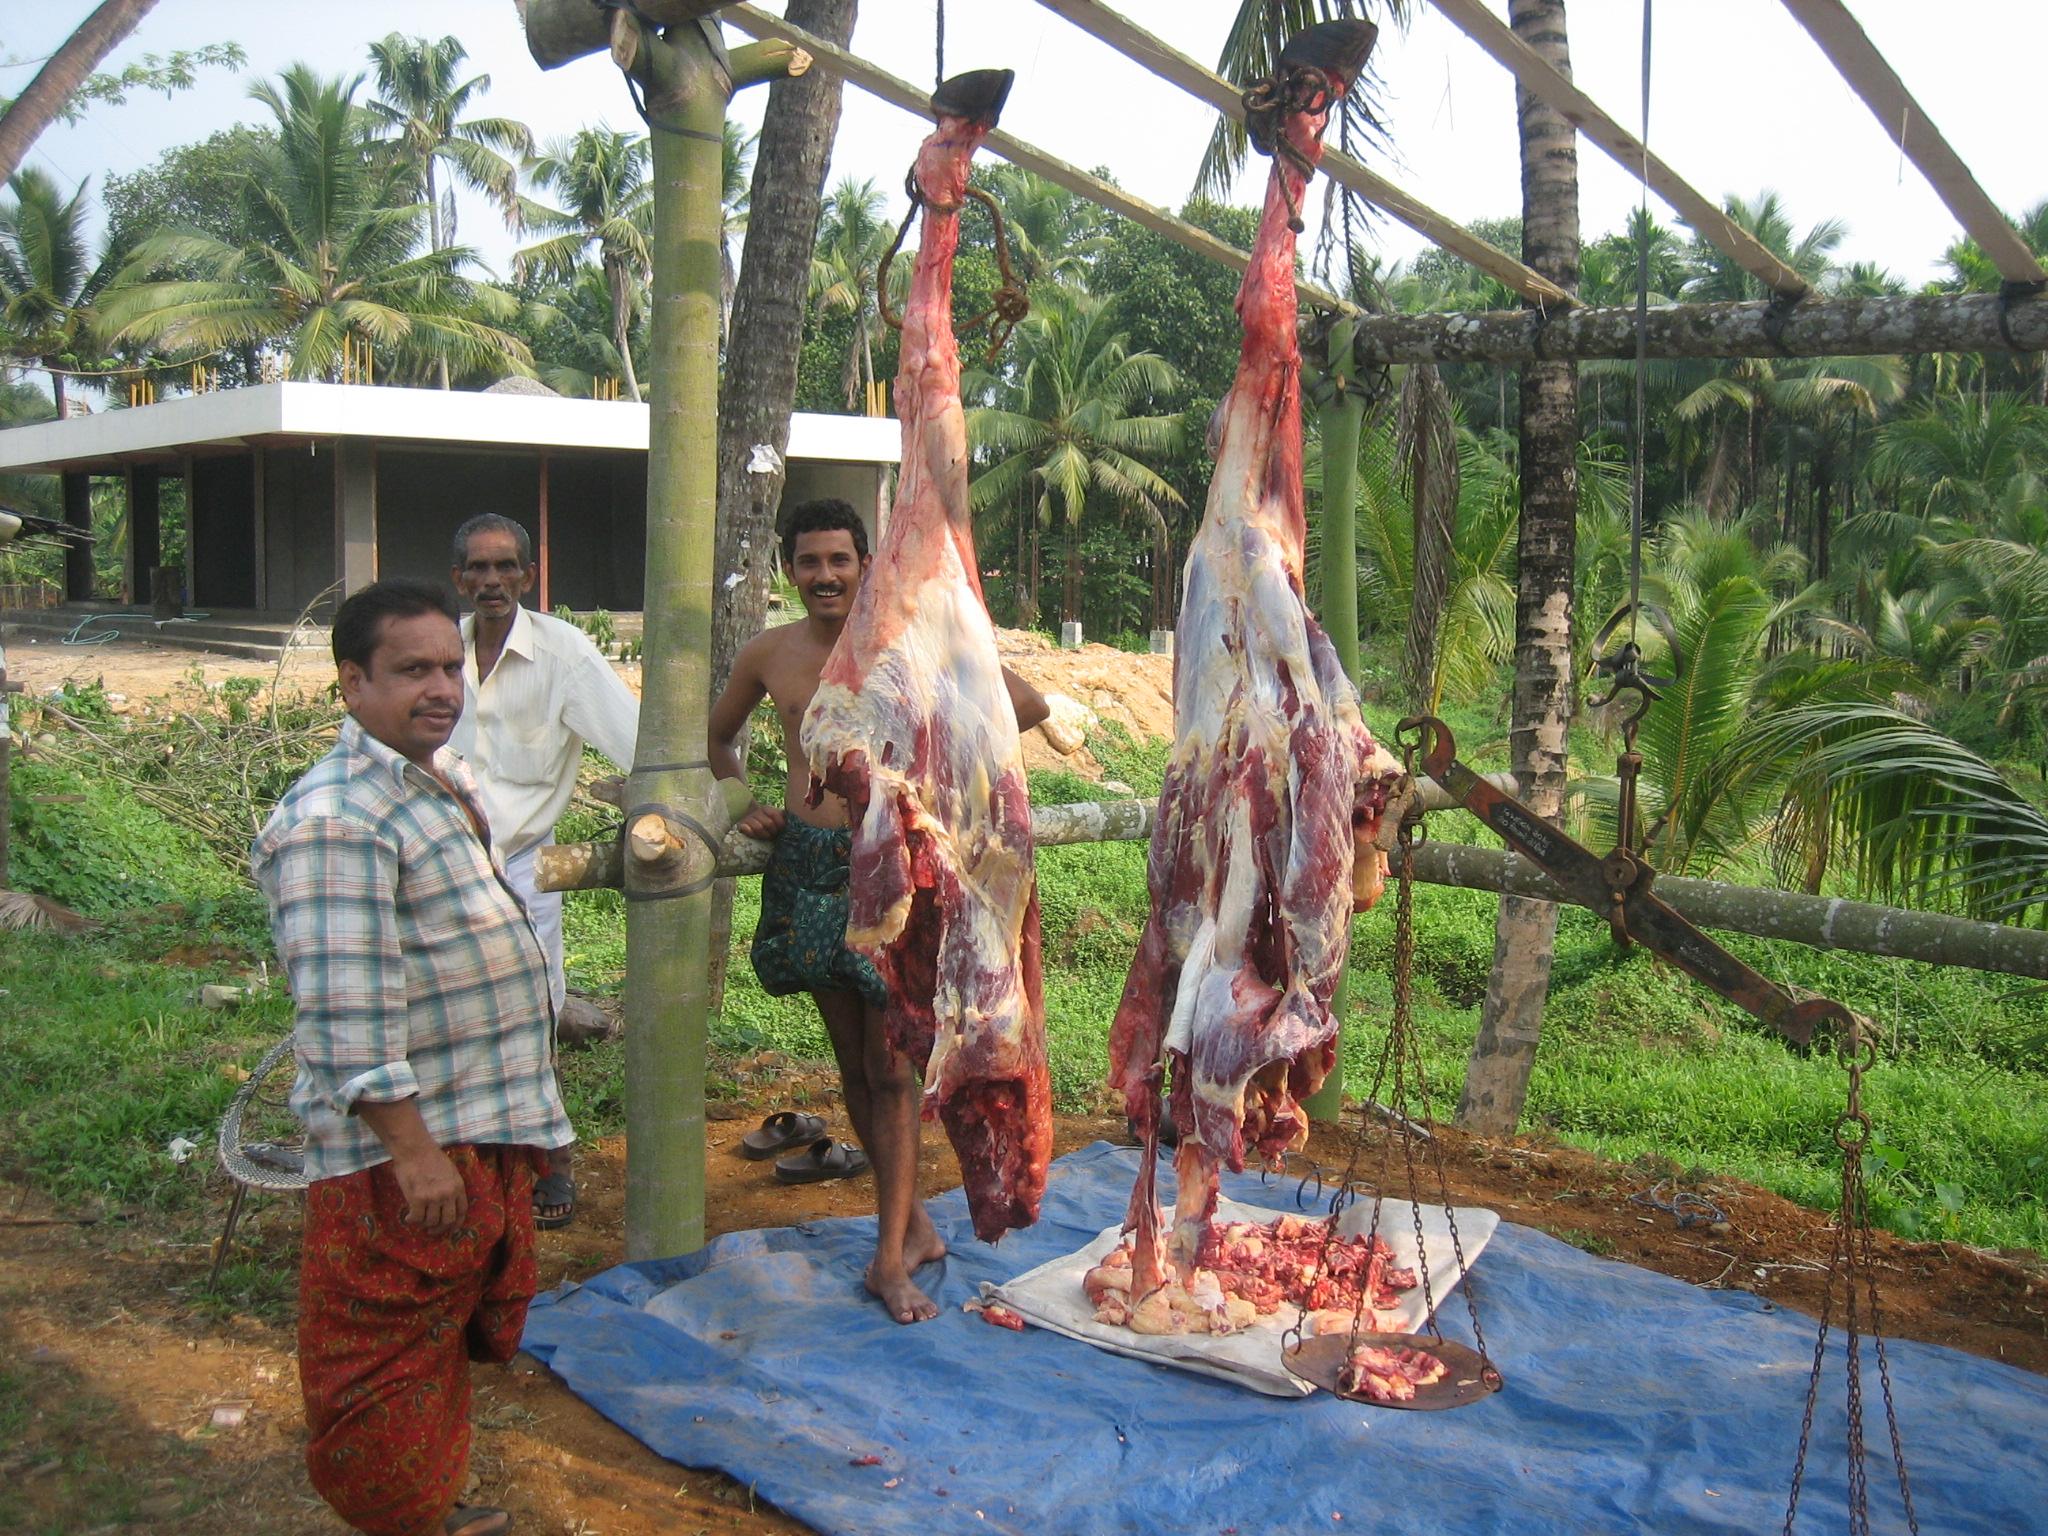 Geschlachtetes Fleisch trocknet an der frischen Luft